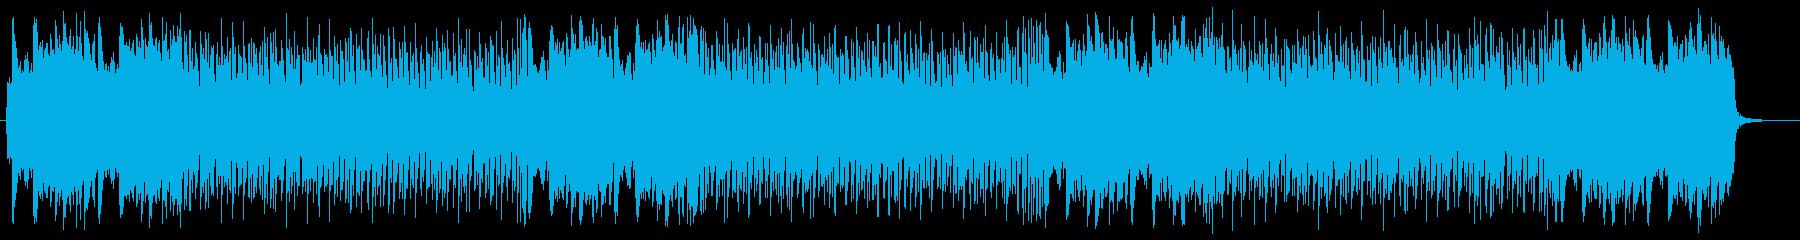 テンポと曲転換がダイナミックな曲の再生済みの波形